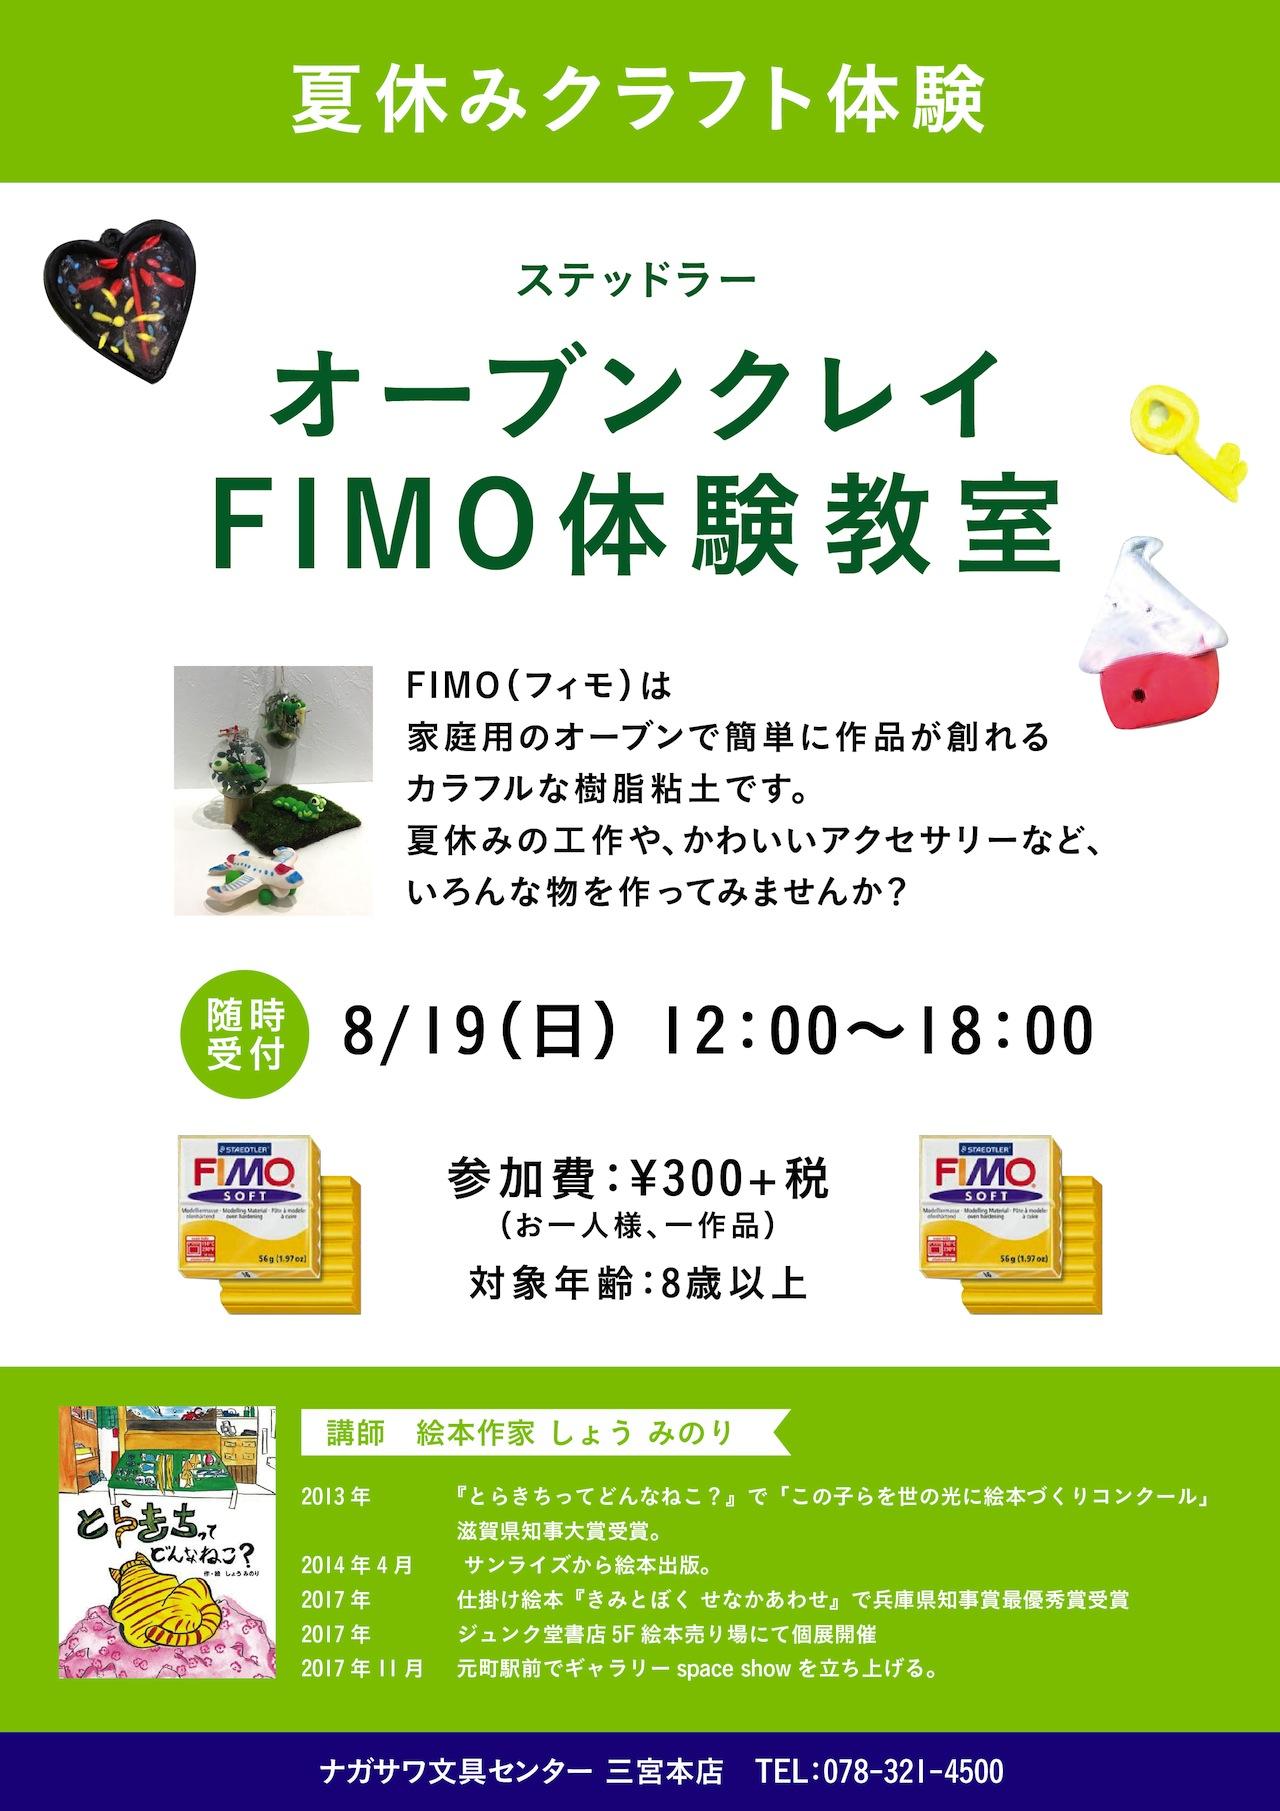 【本店】FIMOで手軽に簡単にアクセサリーや小物を作りましょう!